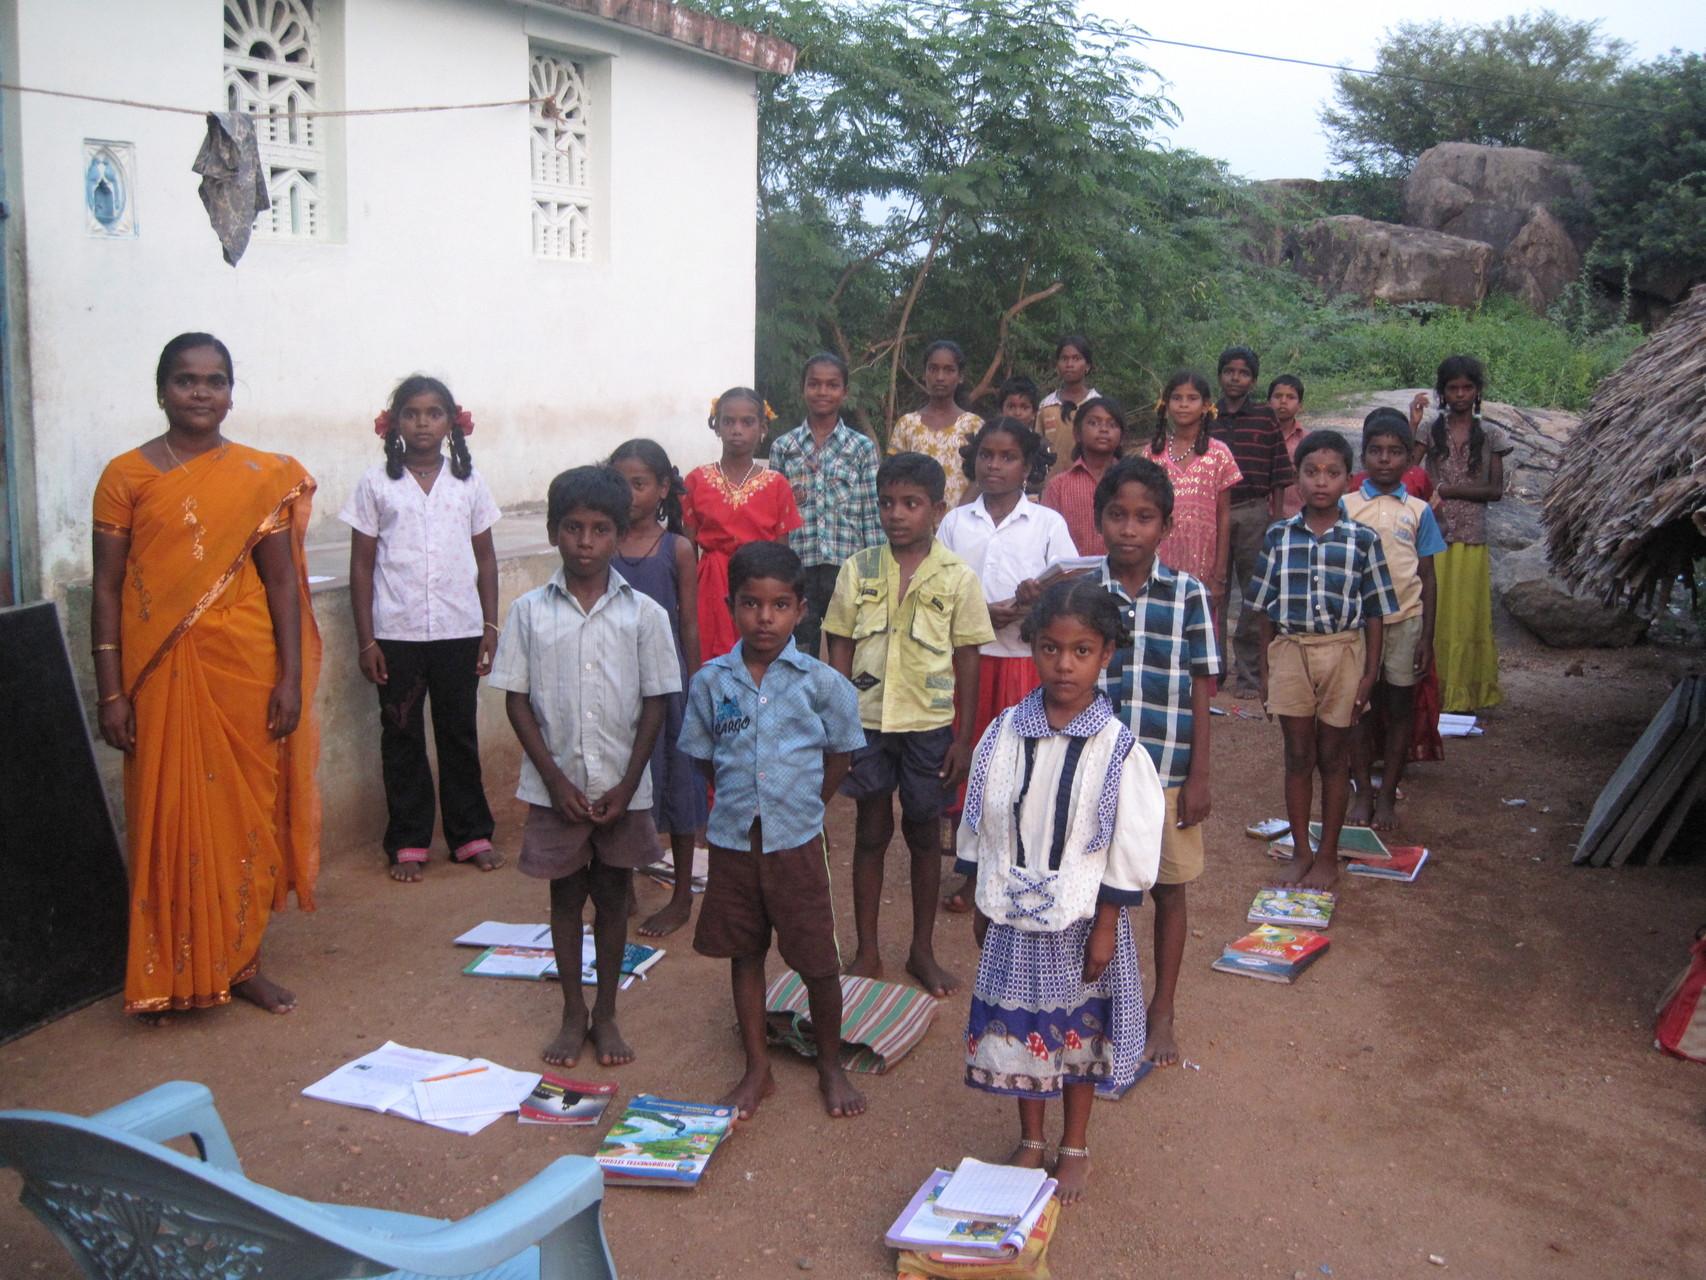 Début des cours à Somasipadi